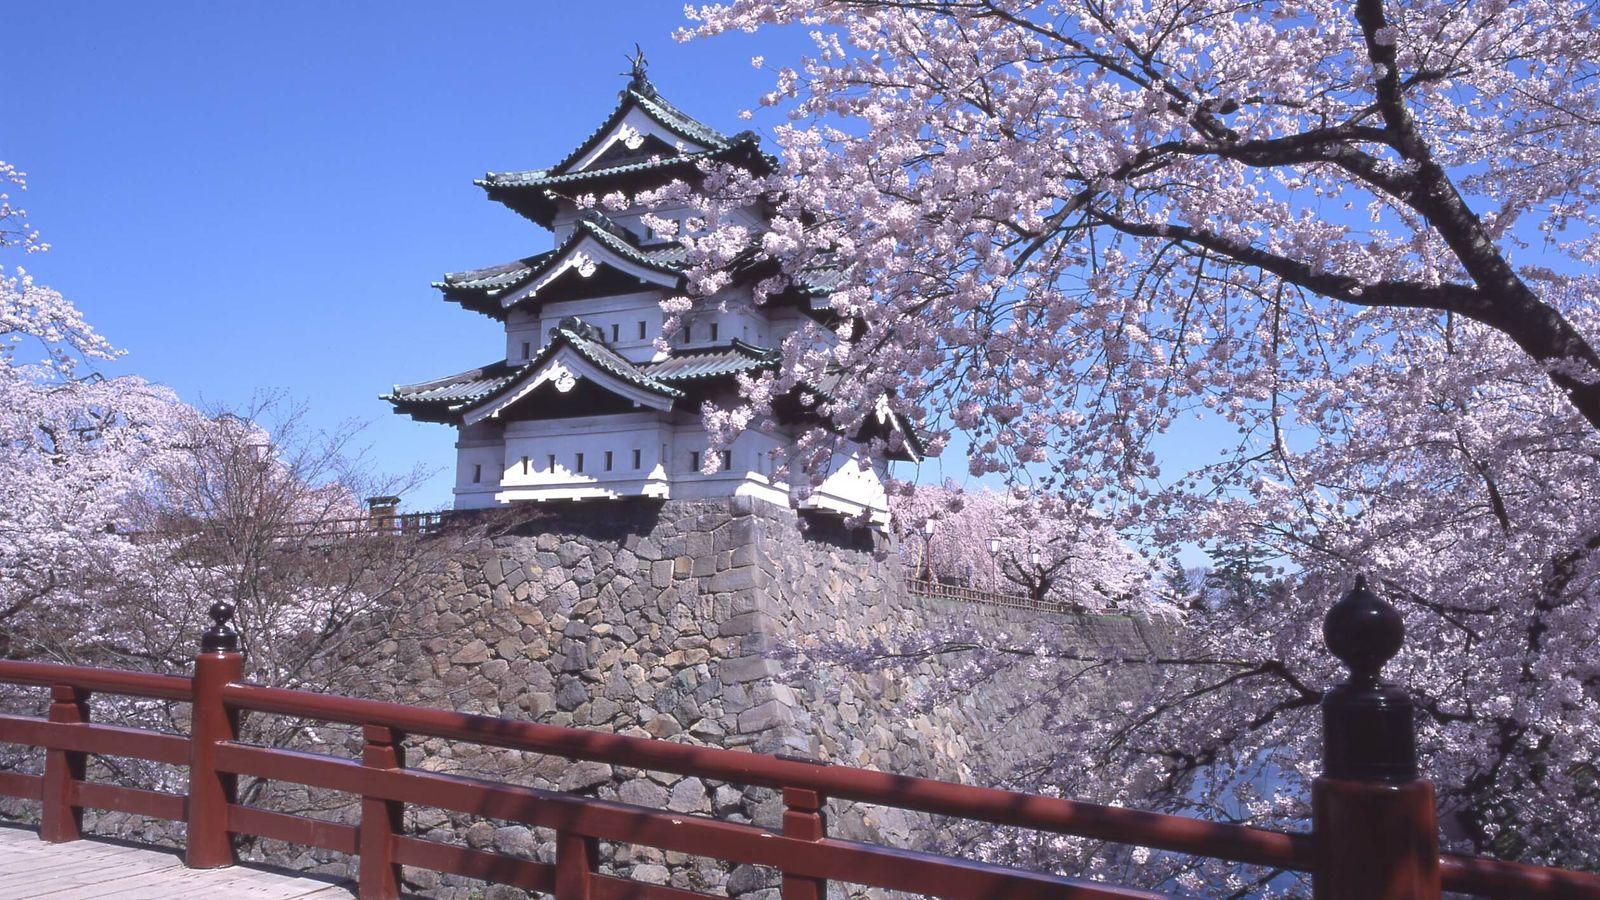 Le parc Hirosaki parsemés de cerisiers, est l'un des paysages emblématiques de la préfecture d'Aomori.